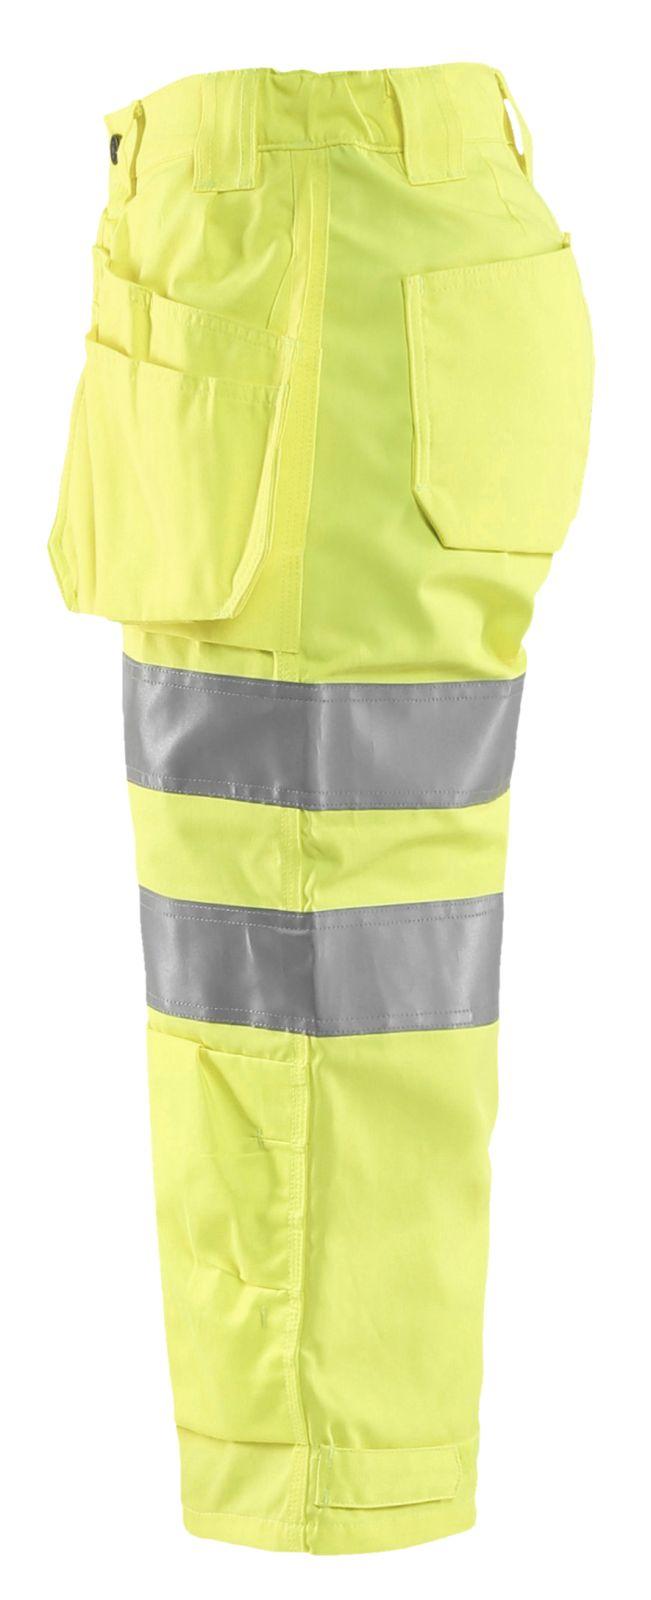 Blaklader Dames piraatbroeken 71391811 High Vis geel(3300)